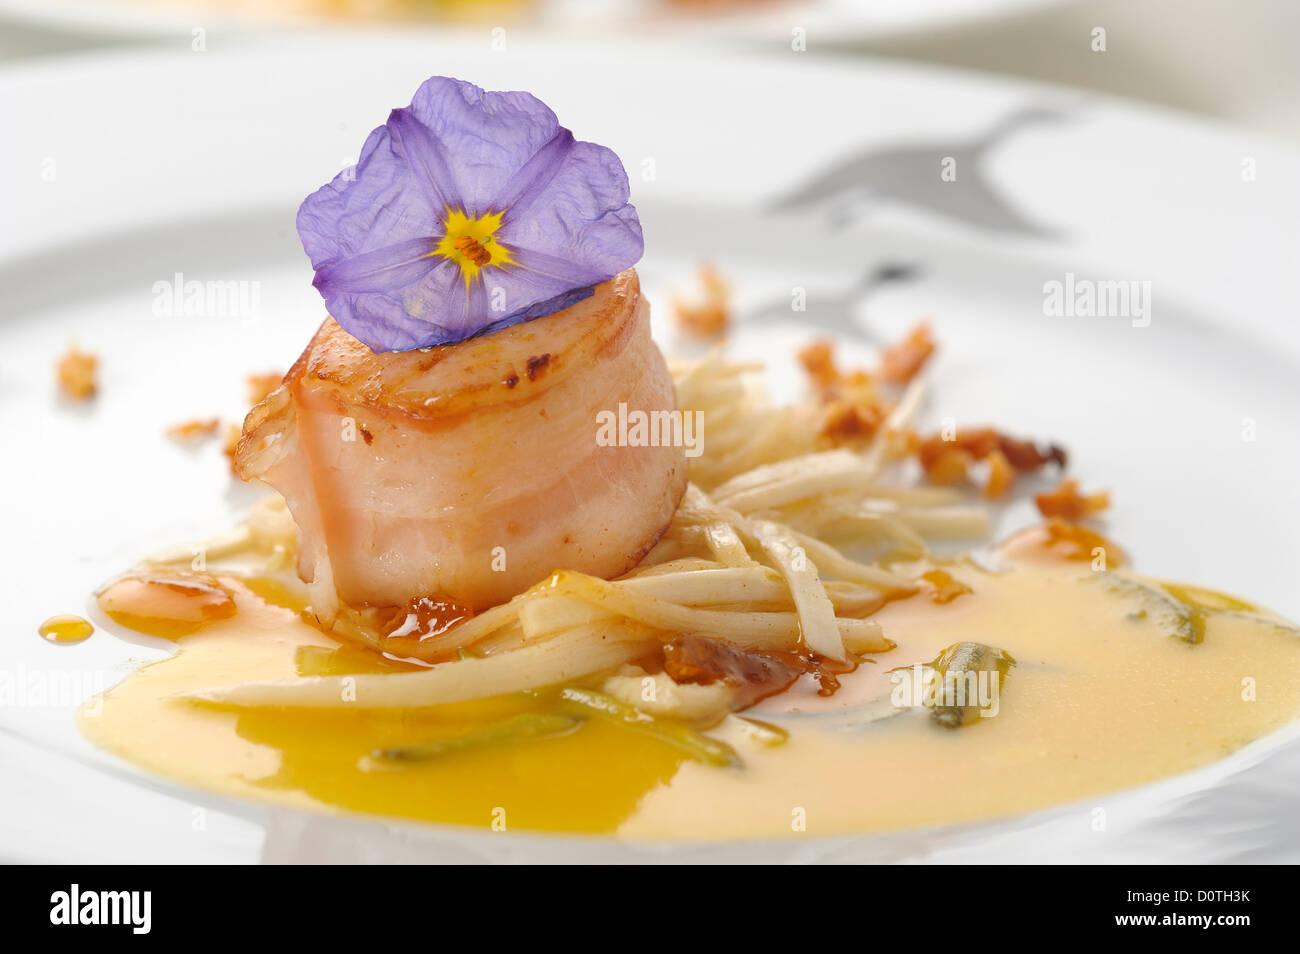 La gastronomie - pétoncles poêlés avec bacon Photo Stock